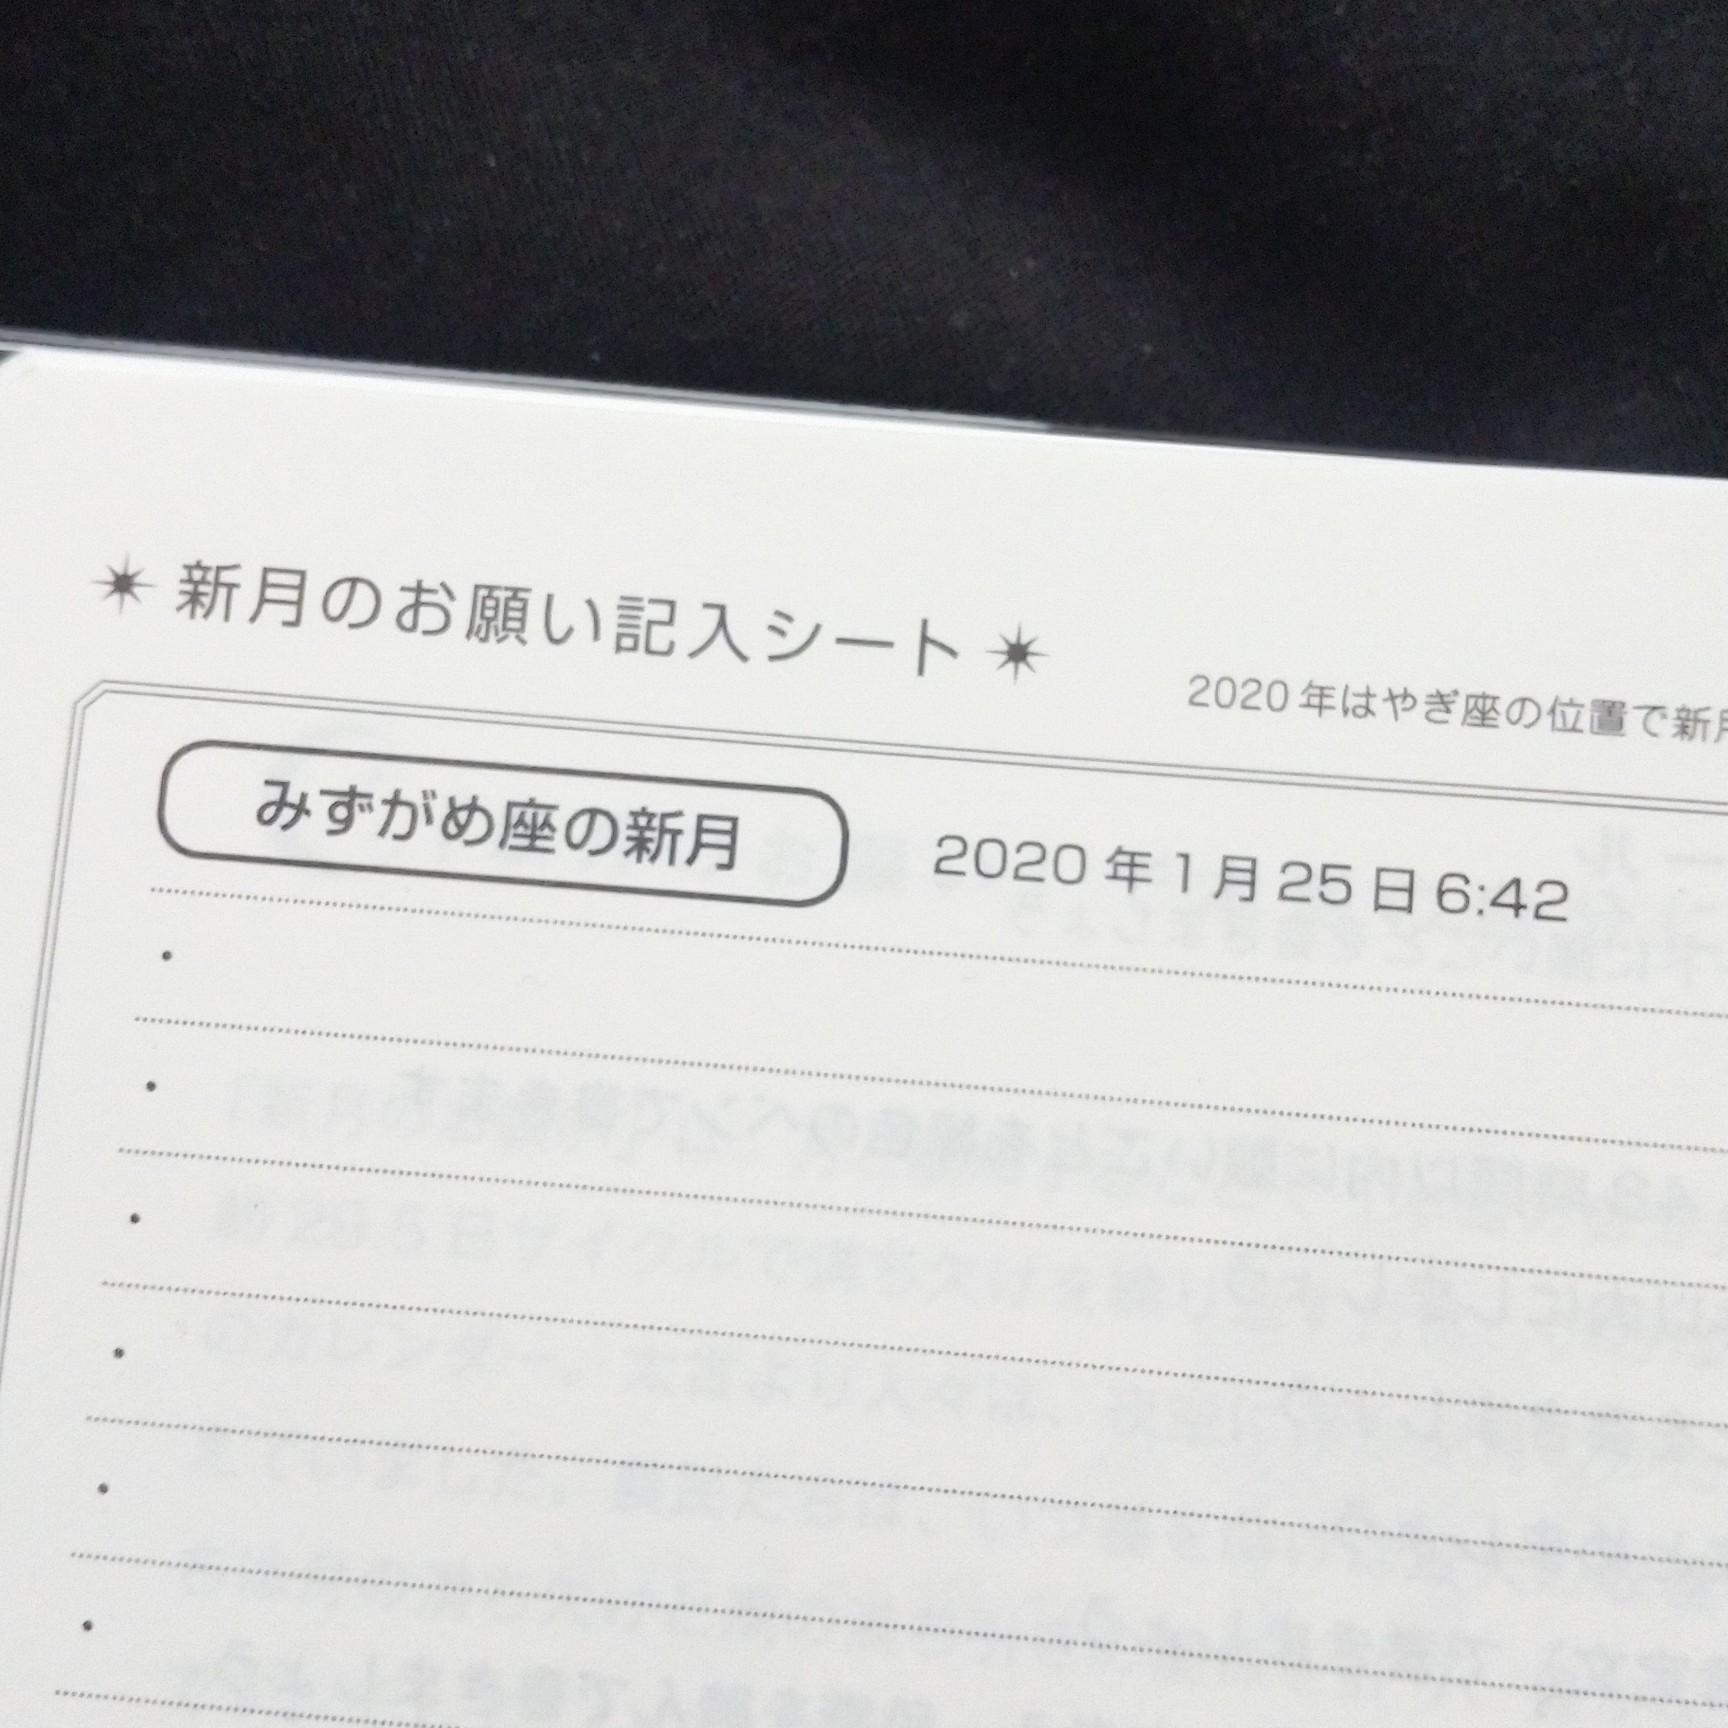 201024 「新月のお願い」inみずがめ座の例文_f0164842_15594238.jpg